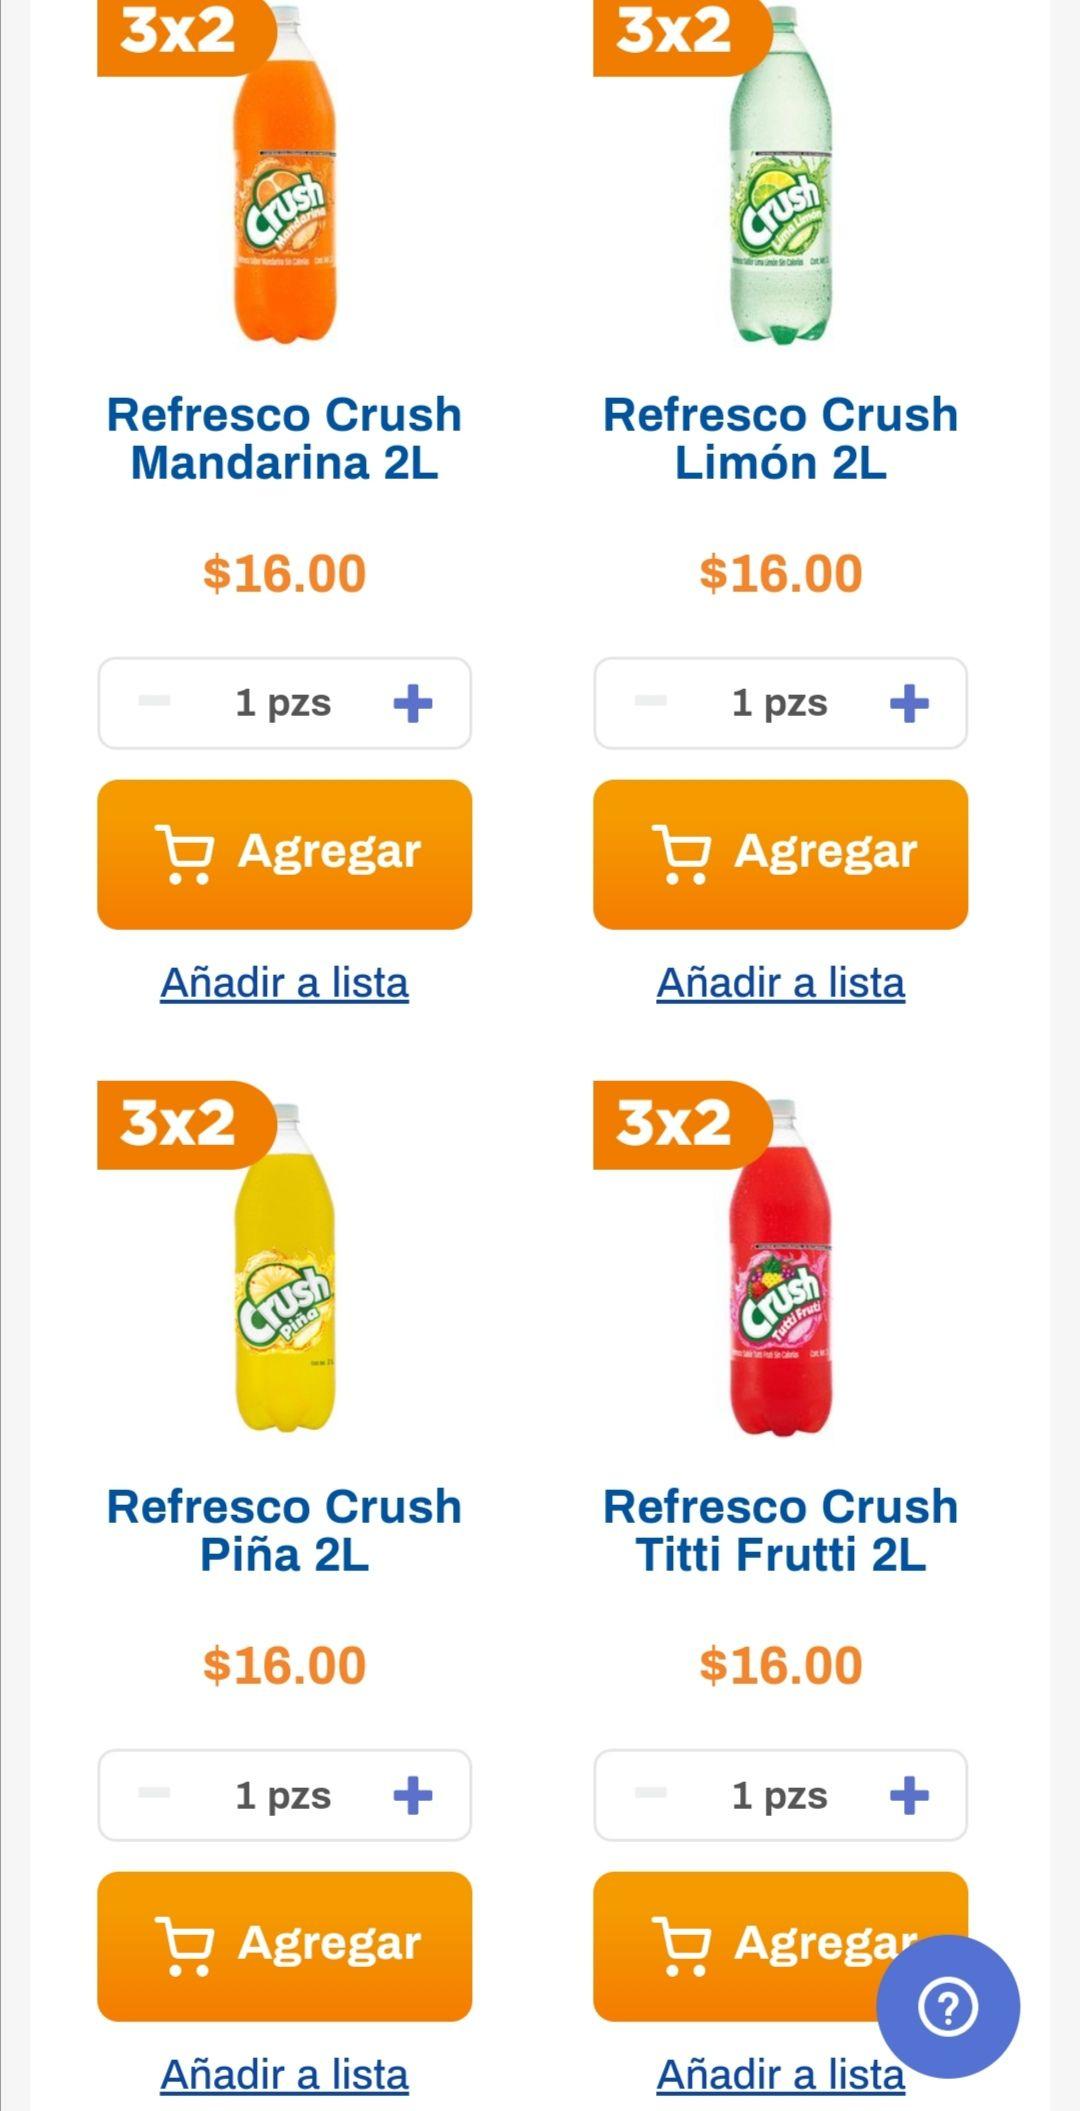 Chedraui: 3 x 2 en refrescos Crush y Peñafiel 2 L